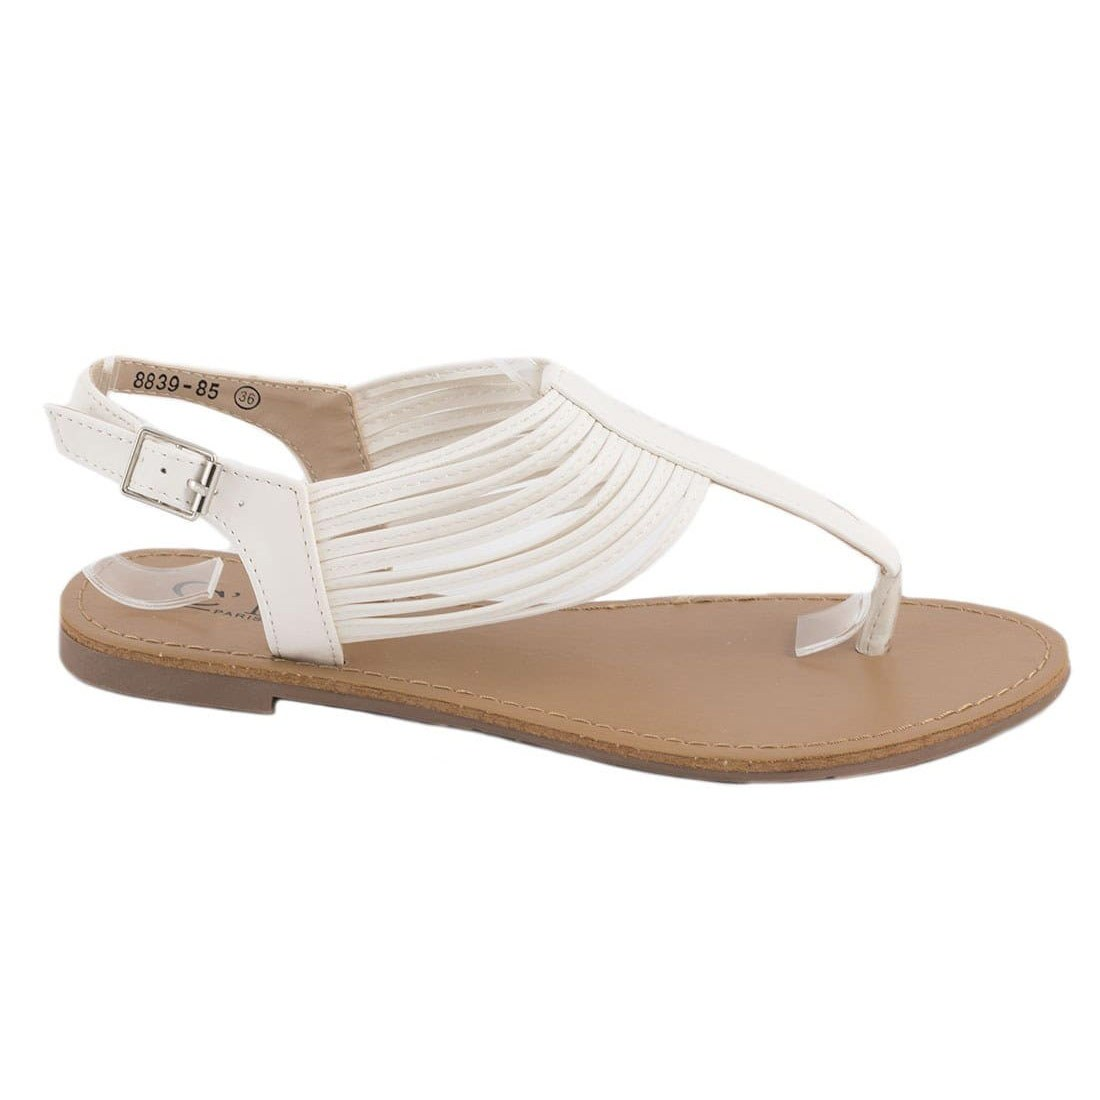 Sandale dama albe 8839-85A-O